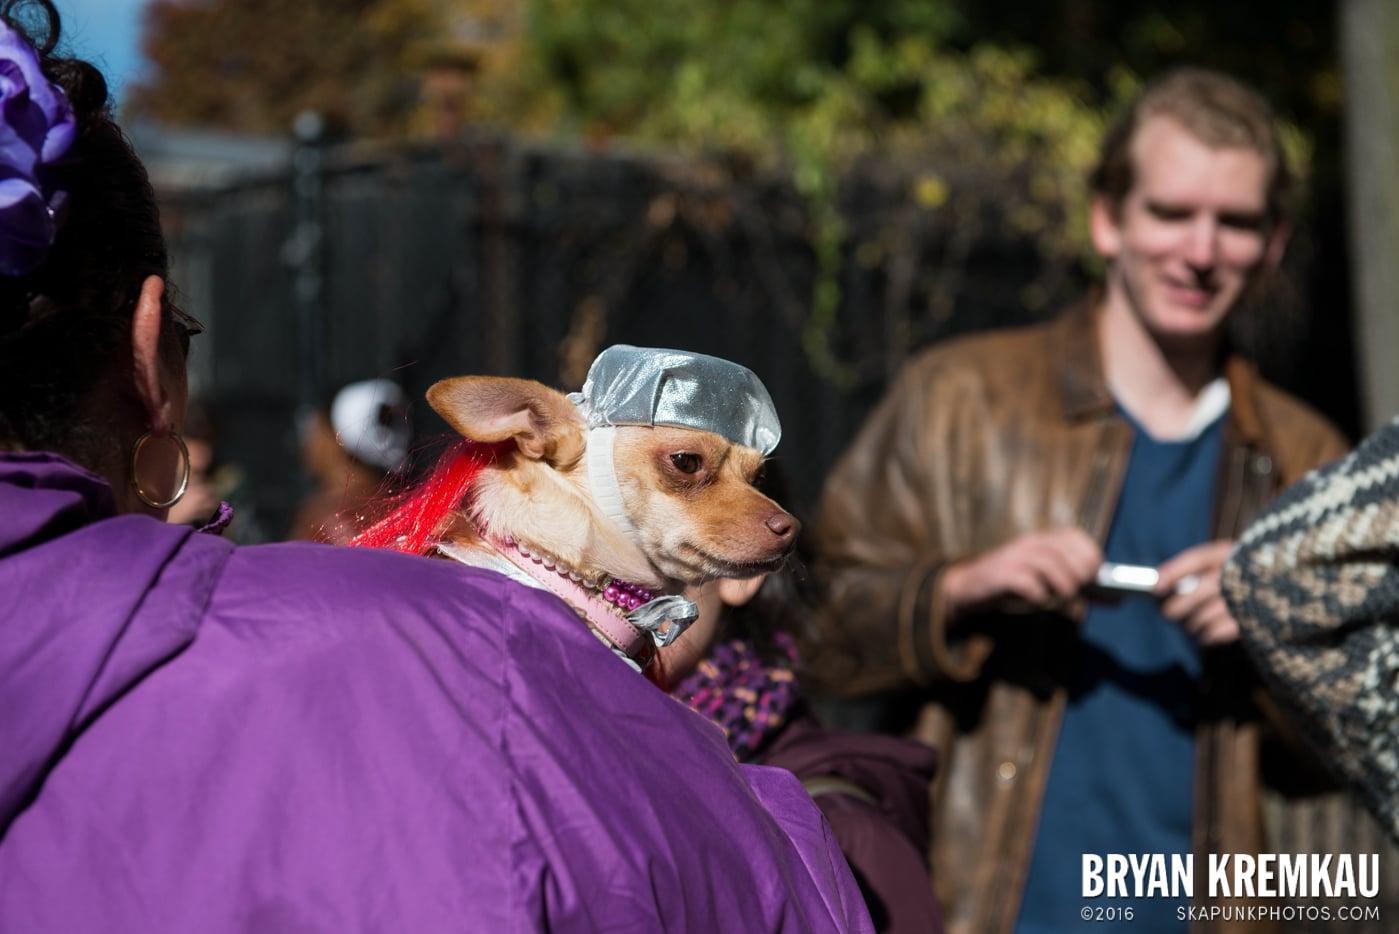 Tompkins Square Halloween Dog Parade 2013 @ Tompkins Square Park, NYC - 10.26.13 (74)